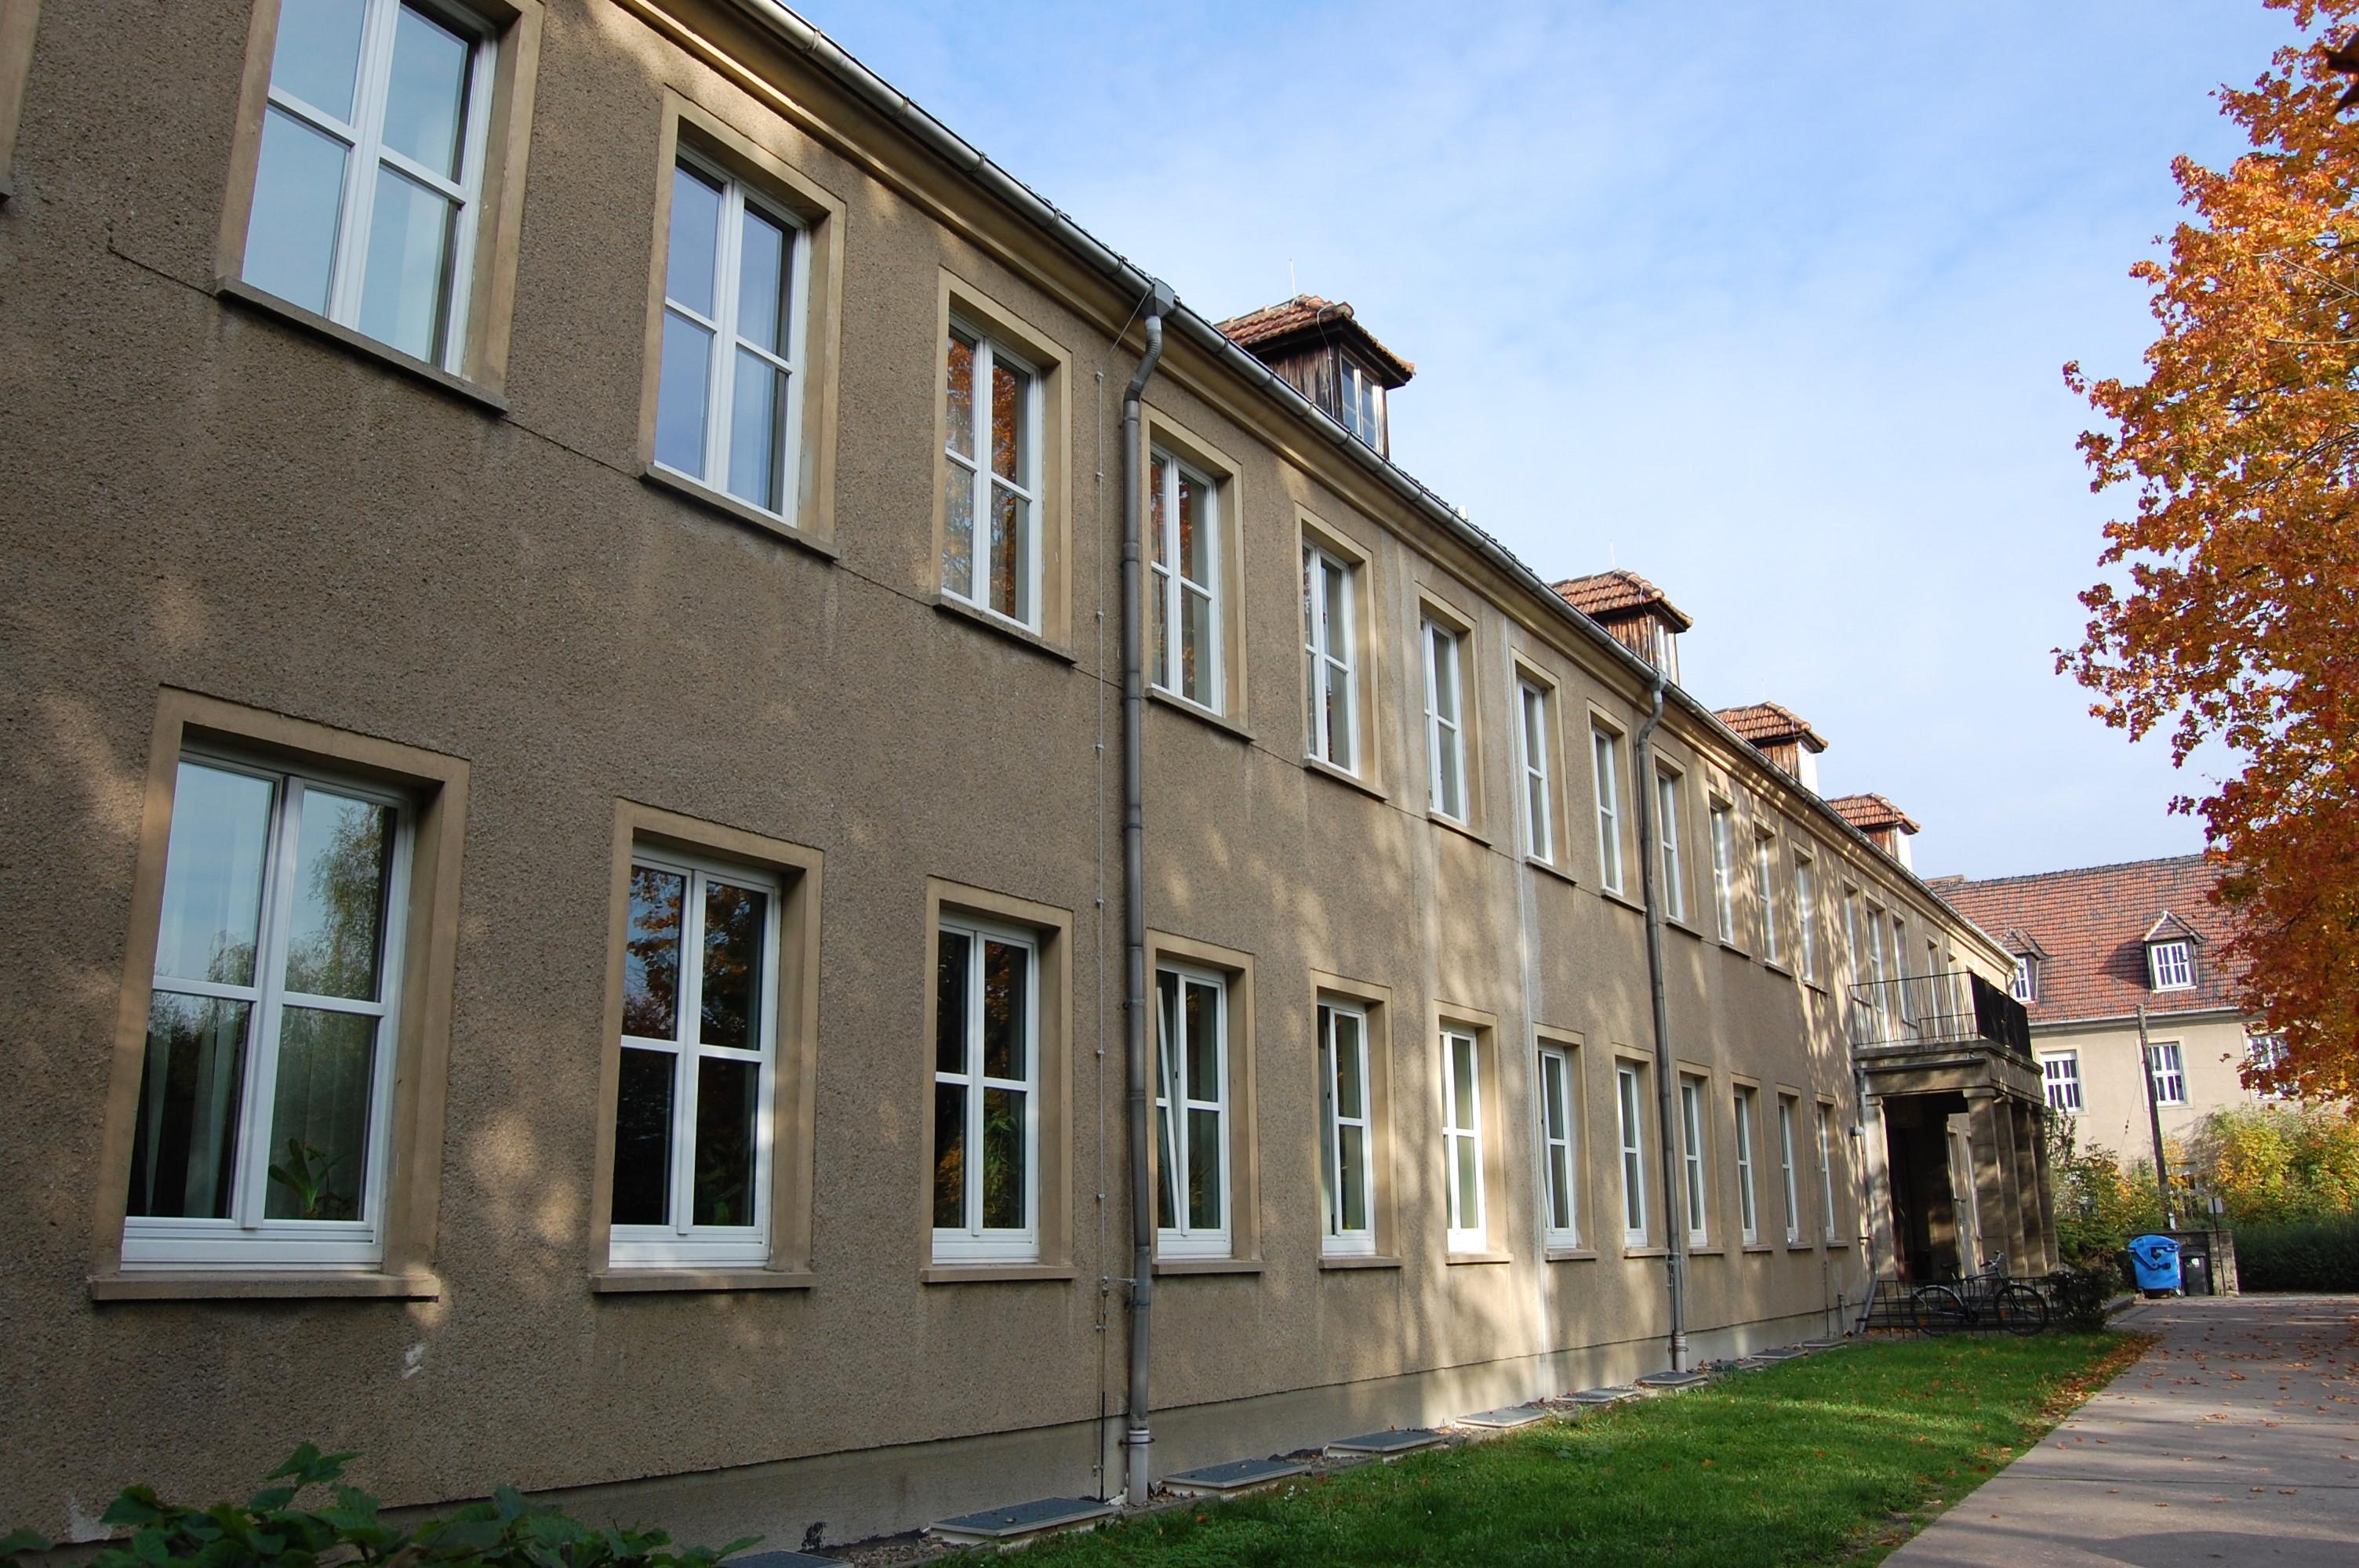 Amtsgericht Aschersleben Wikipedia